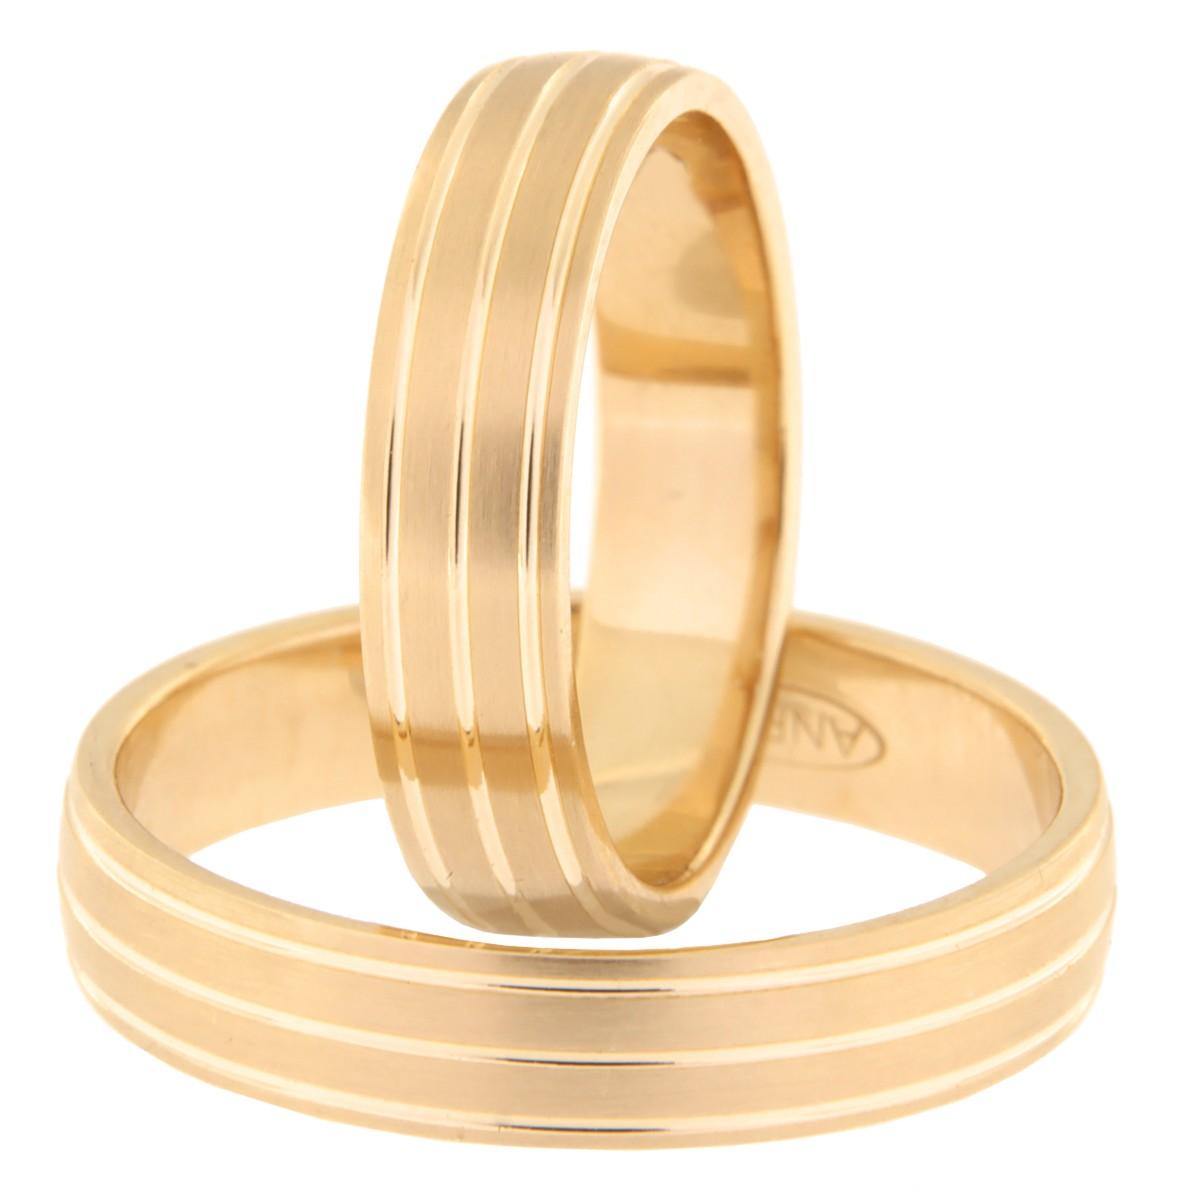 Kullast abielusõrmus Kood: Rn0173-5-km1